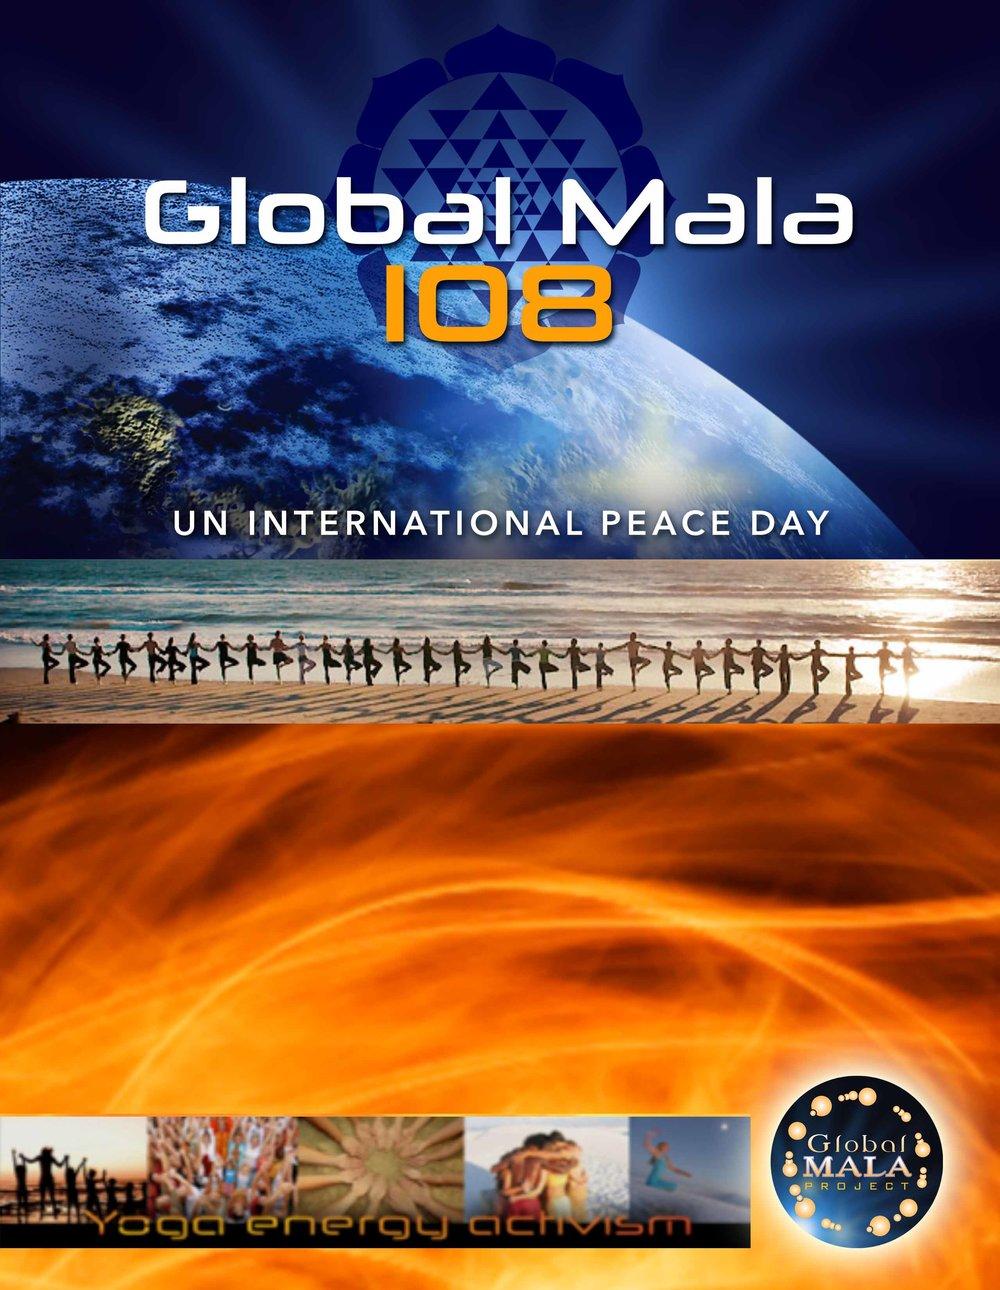 Global_Mala_flyer